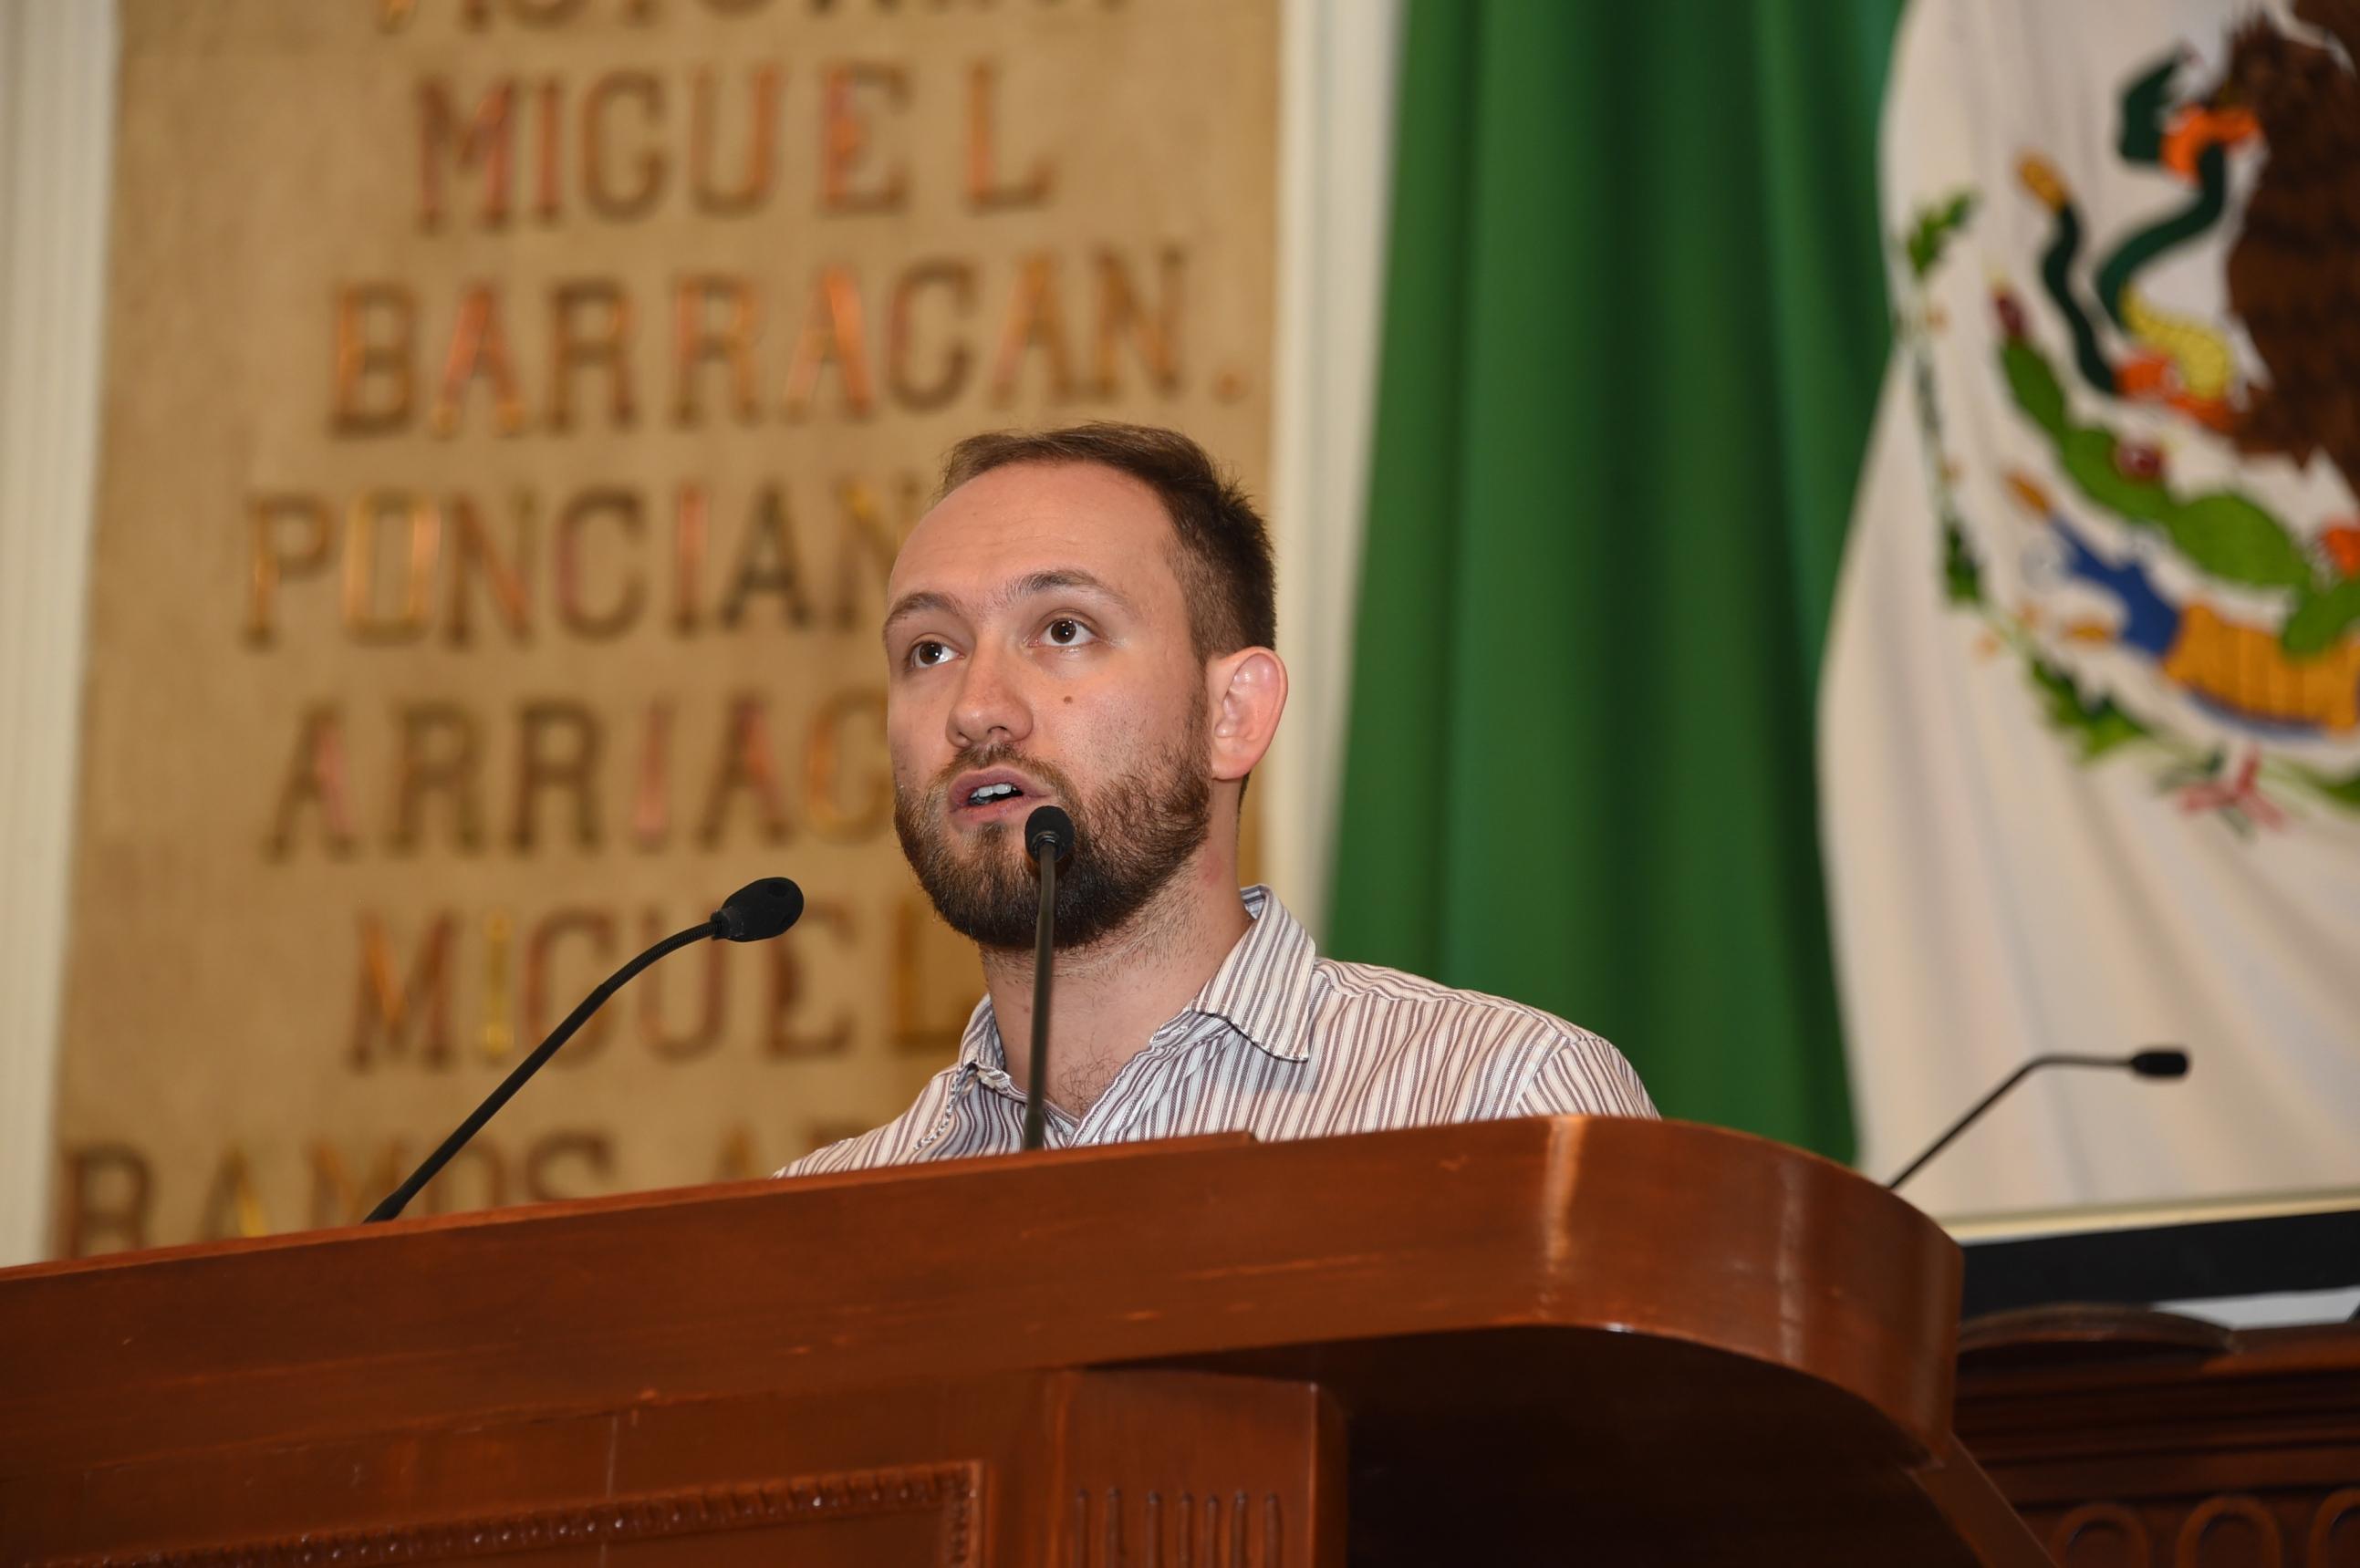 Propone Diputado de Morena declarar a junio de 2019 como el mes del orgullo LGBTTTI